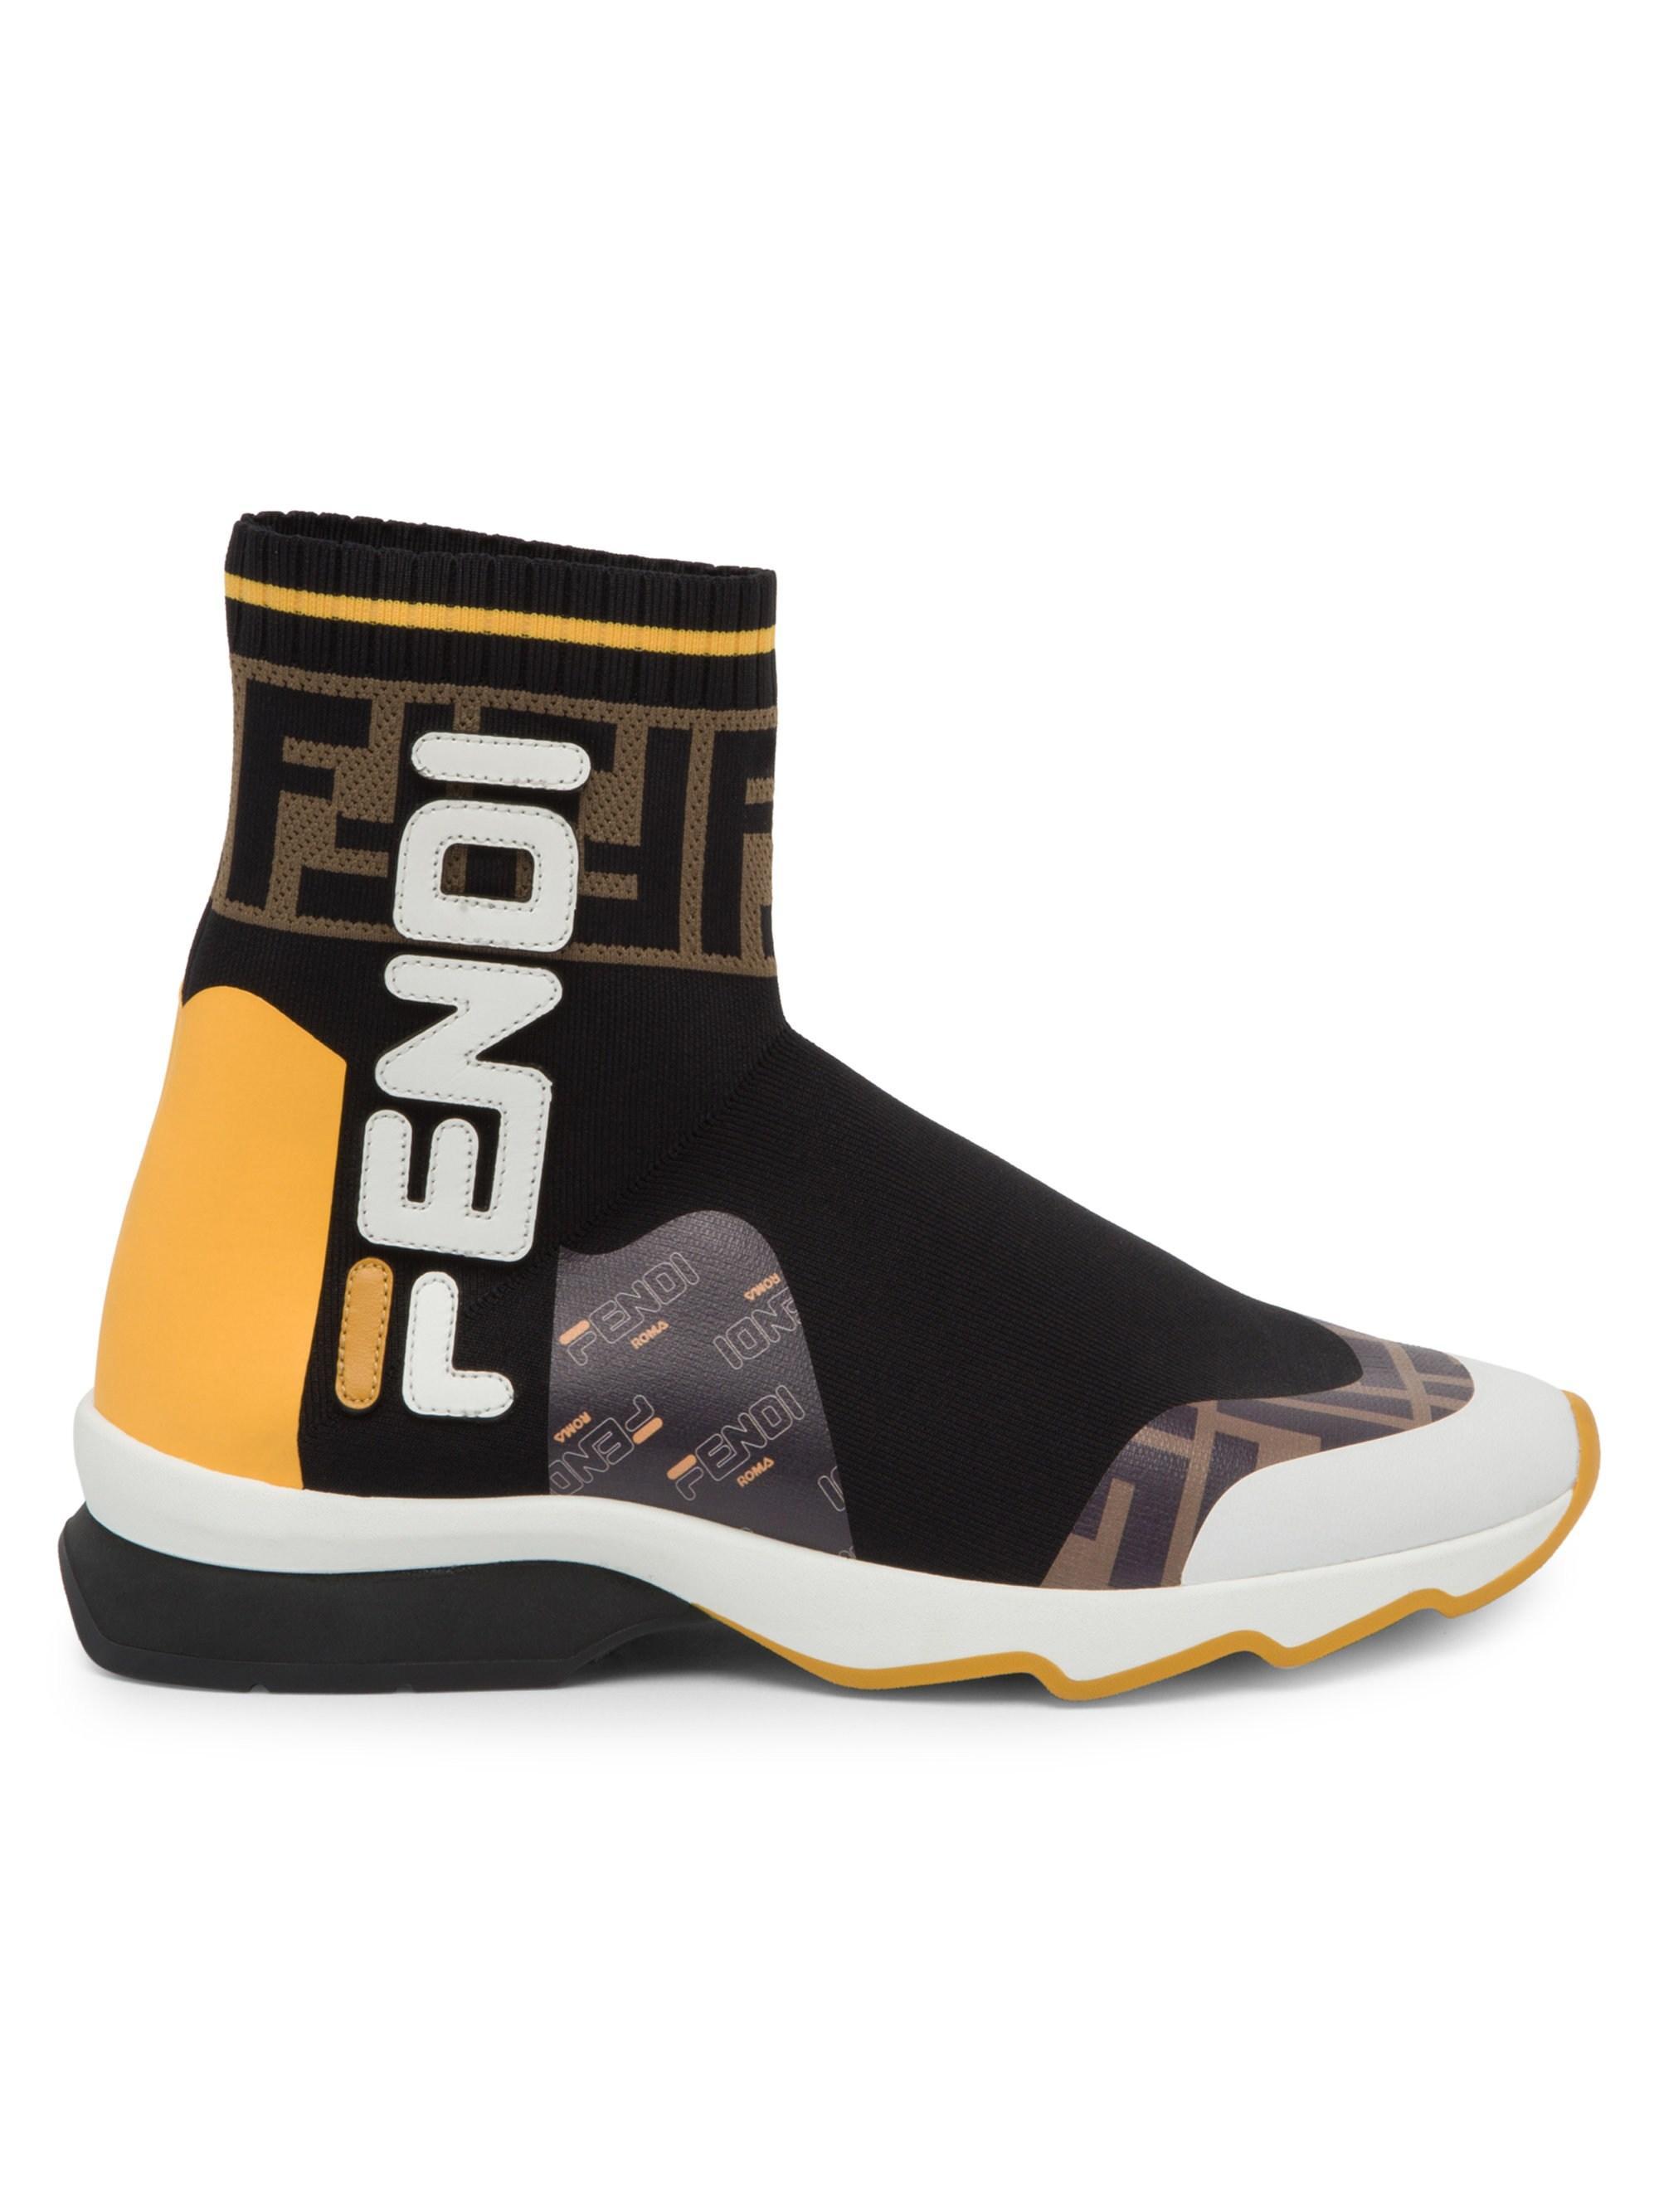 Fendi Leather X Fila Sock Sneakers in